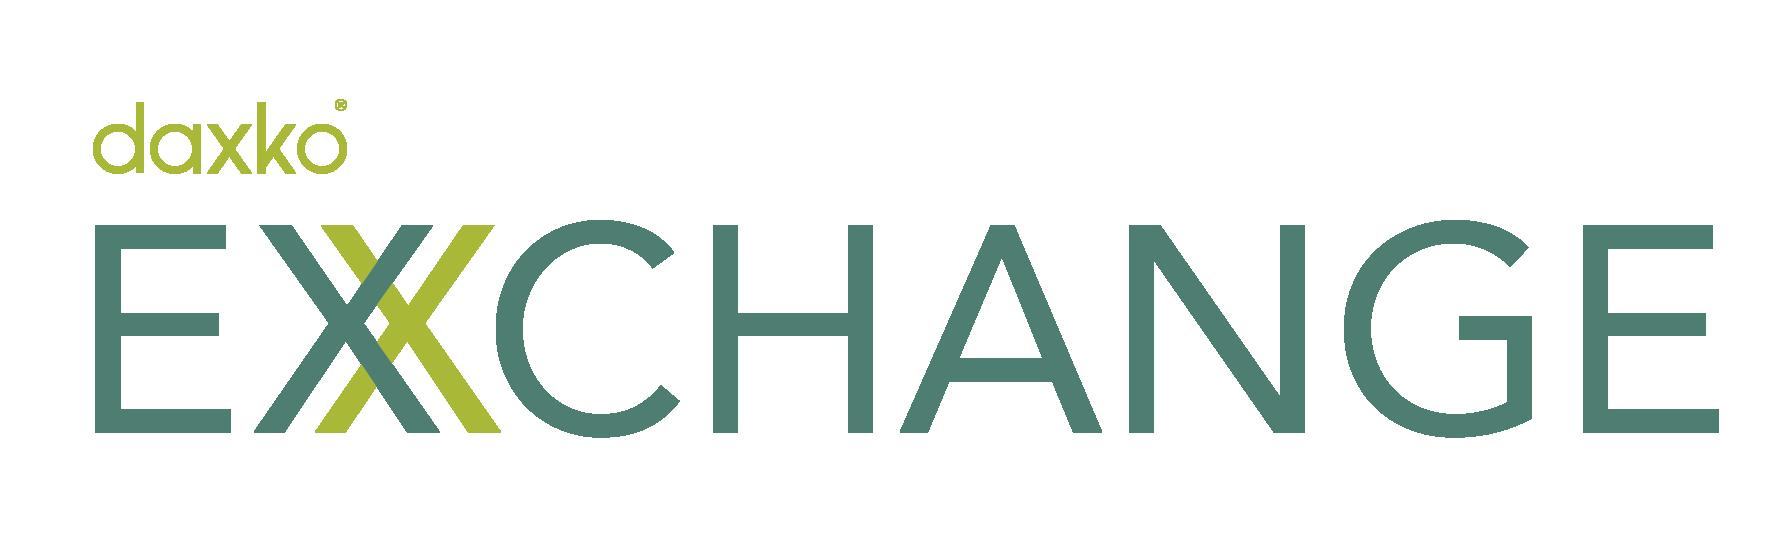 Daxko Exchange